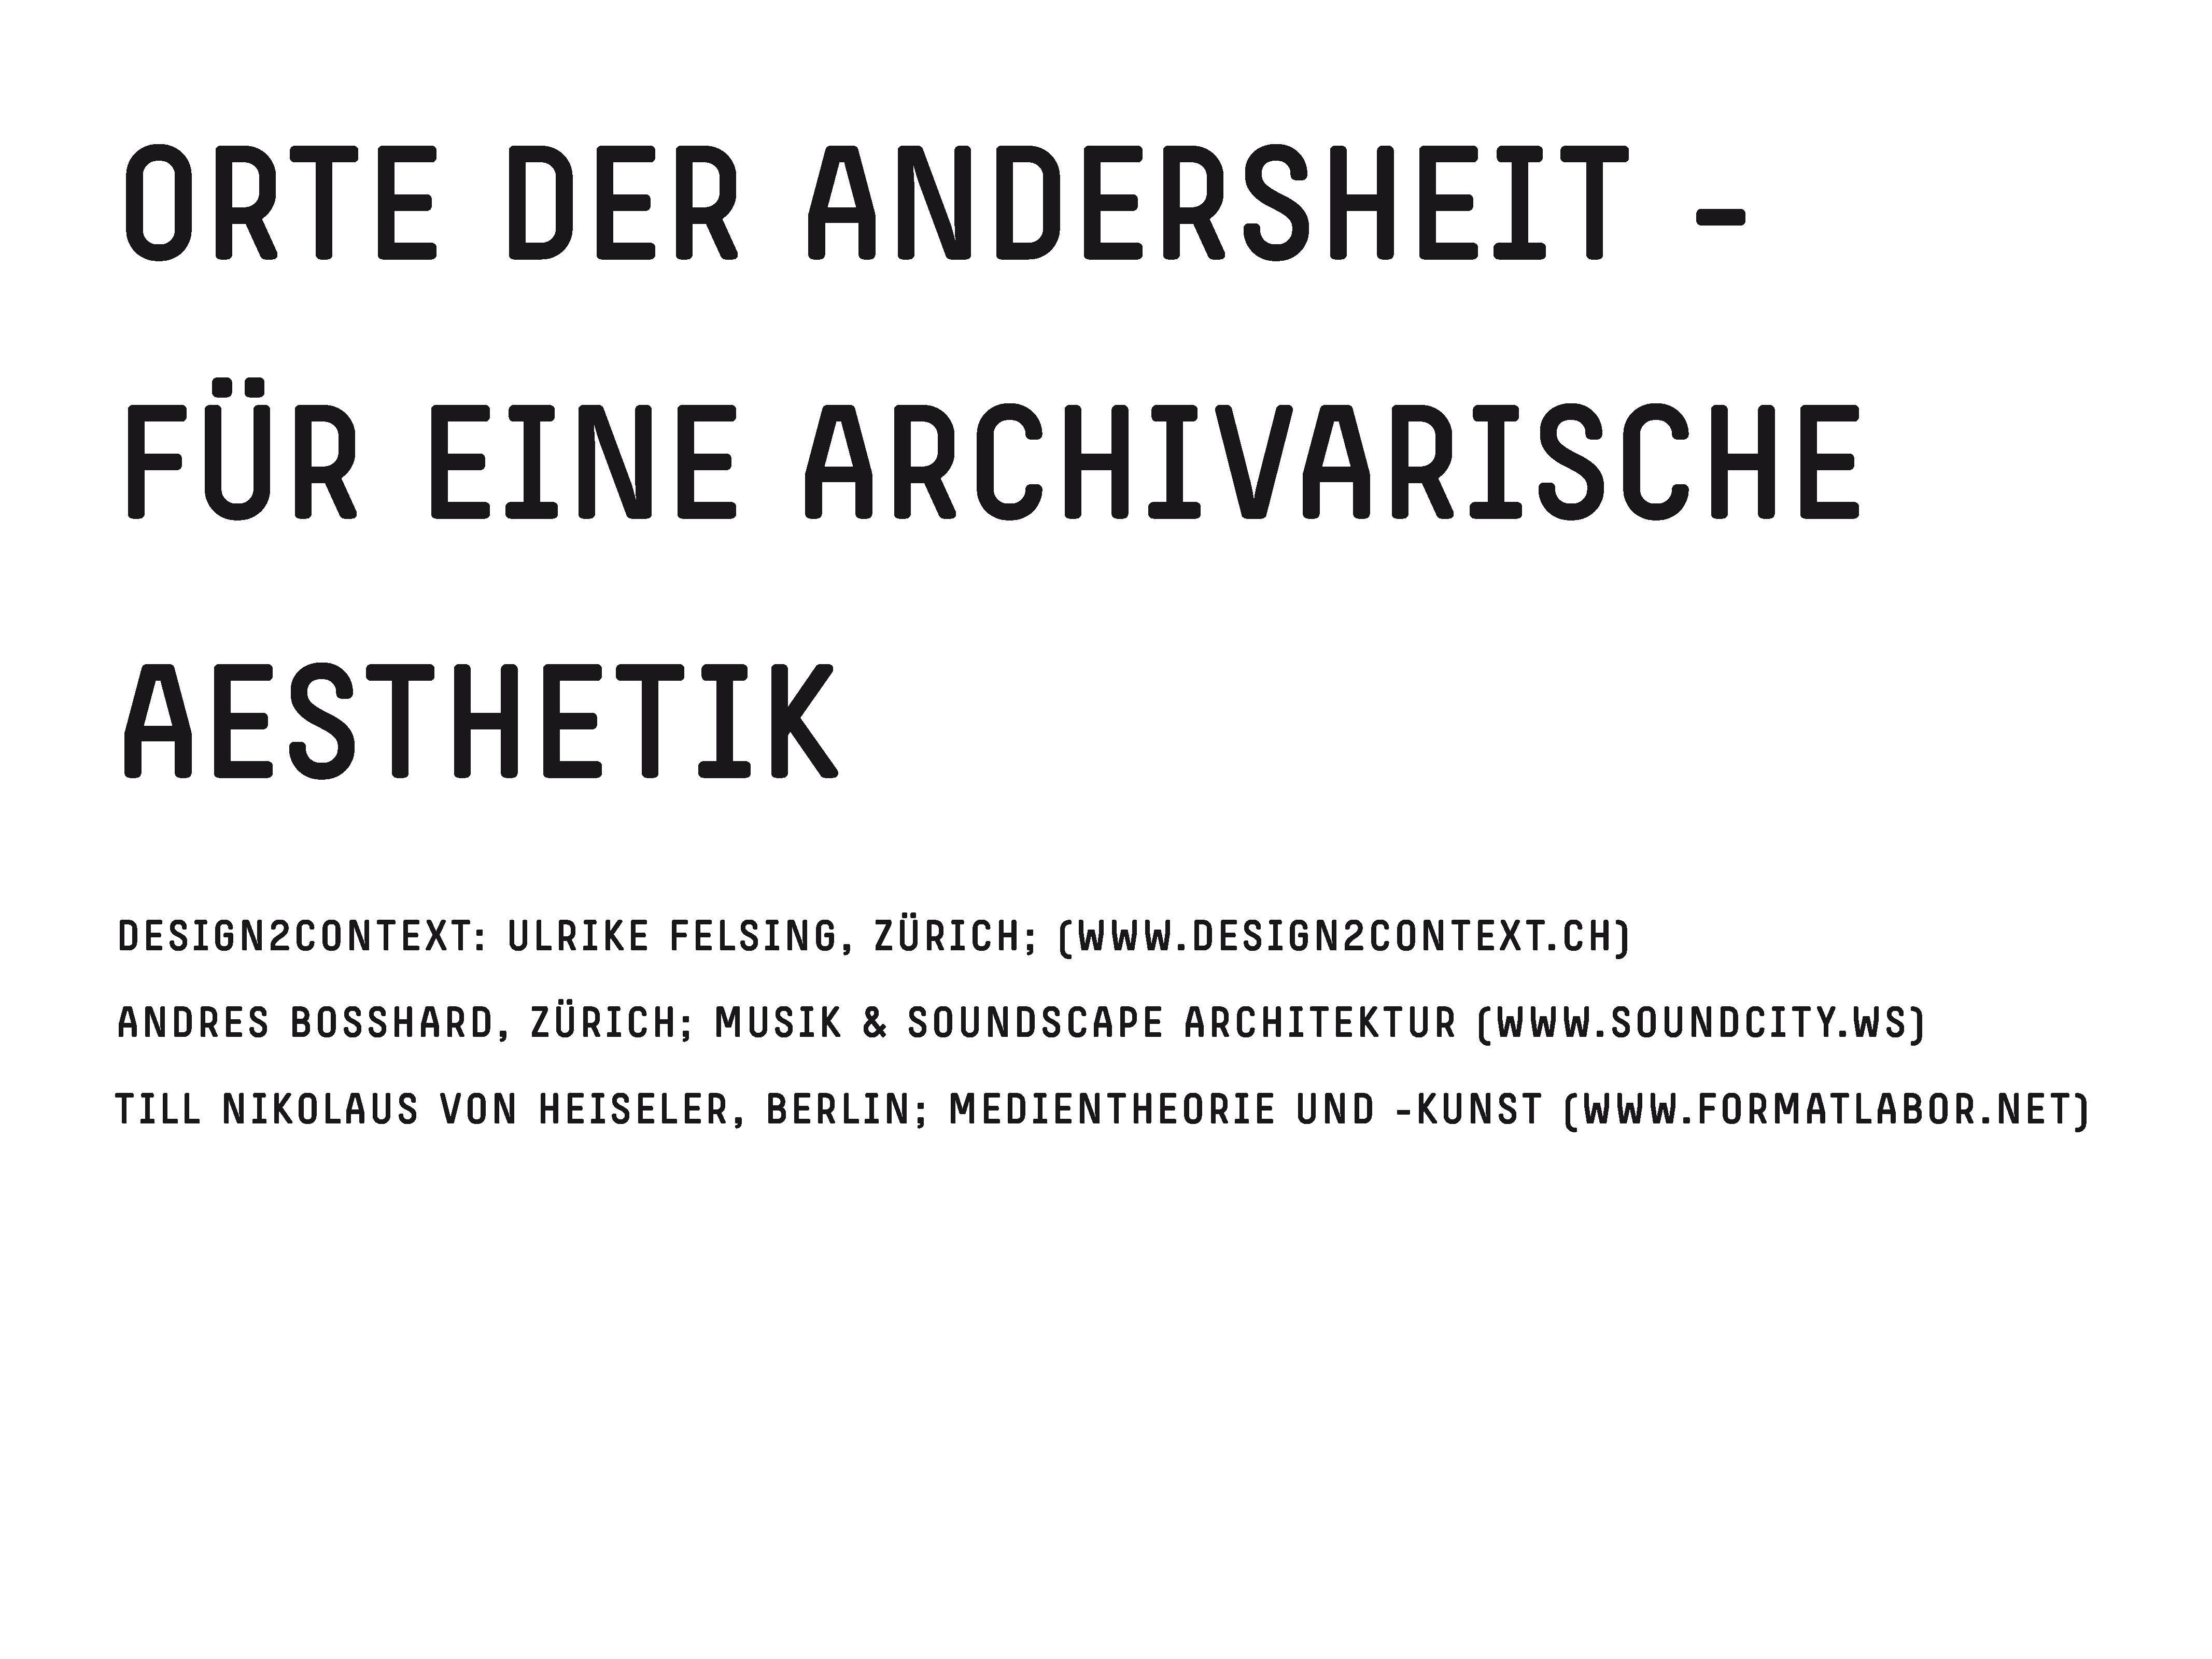 Felsing_Bosshard_Heiseler_Orte_Andersheit-1